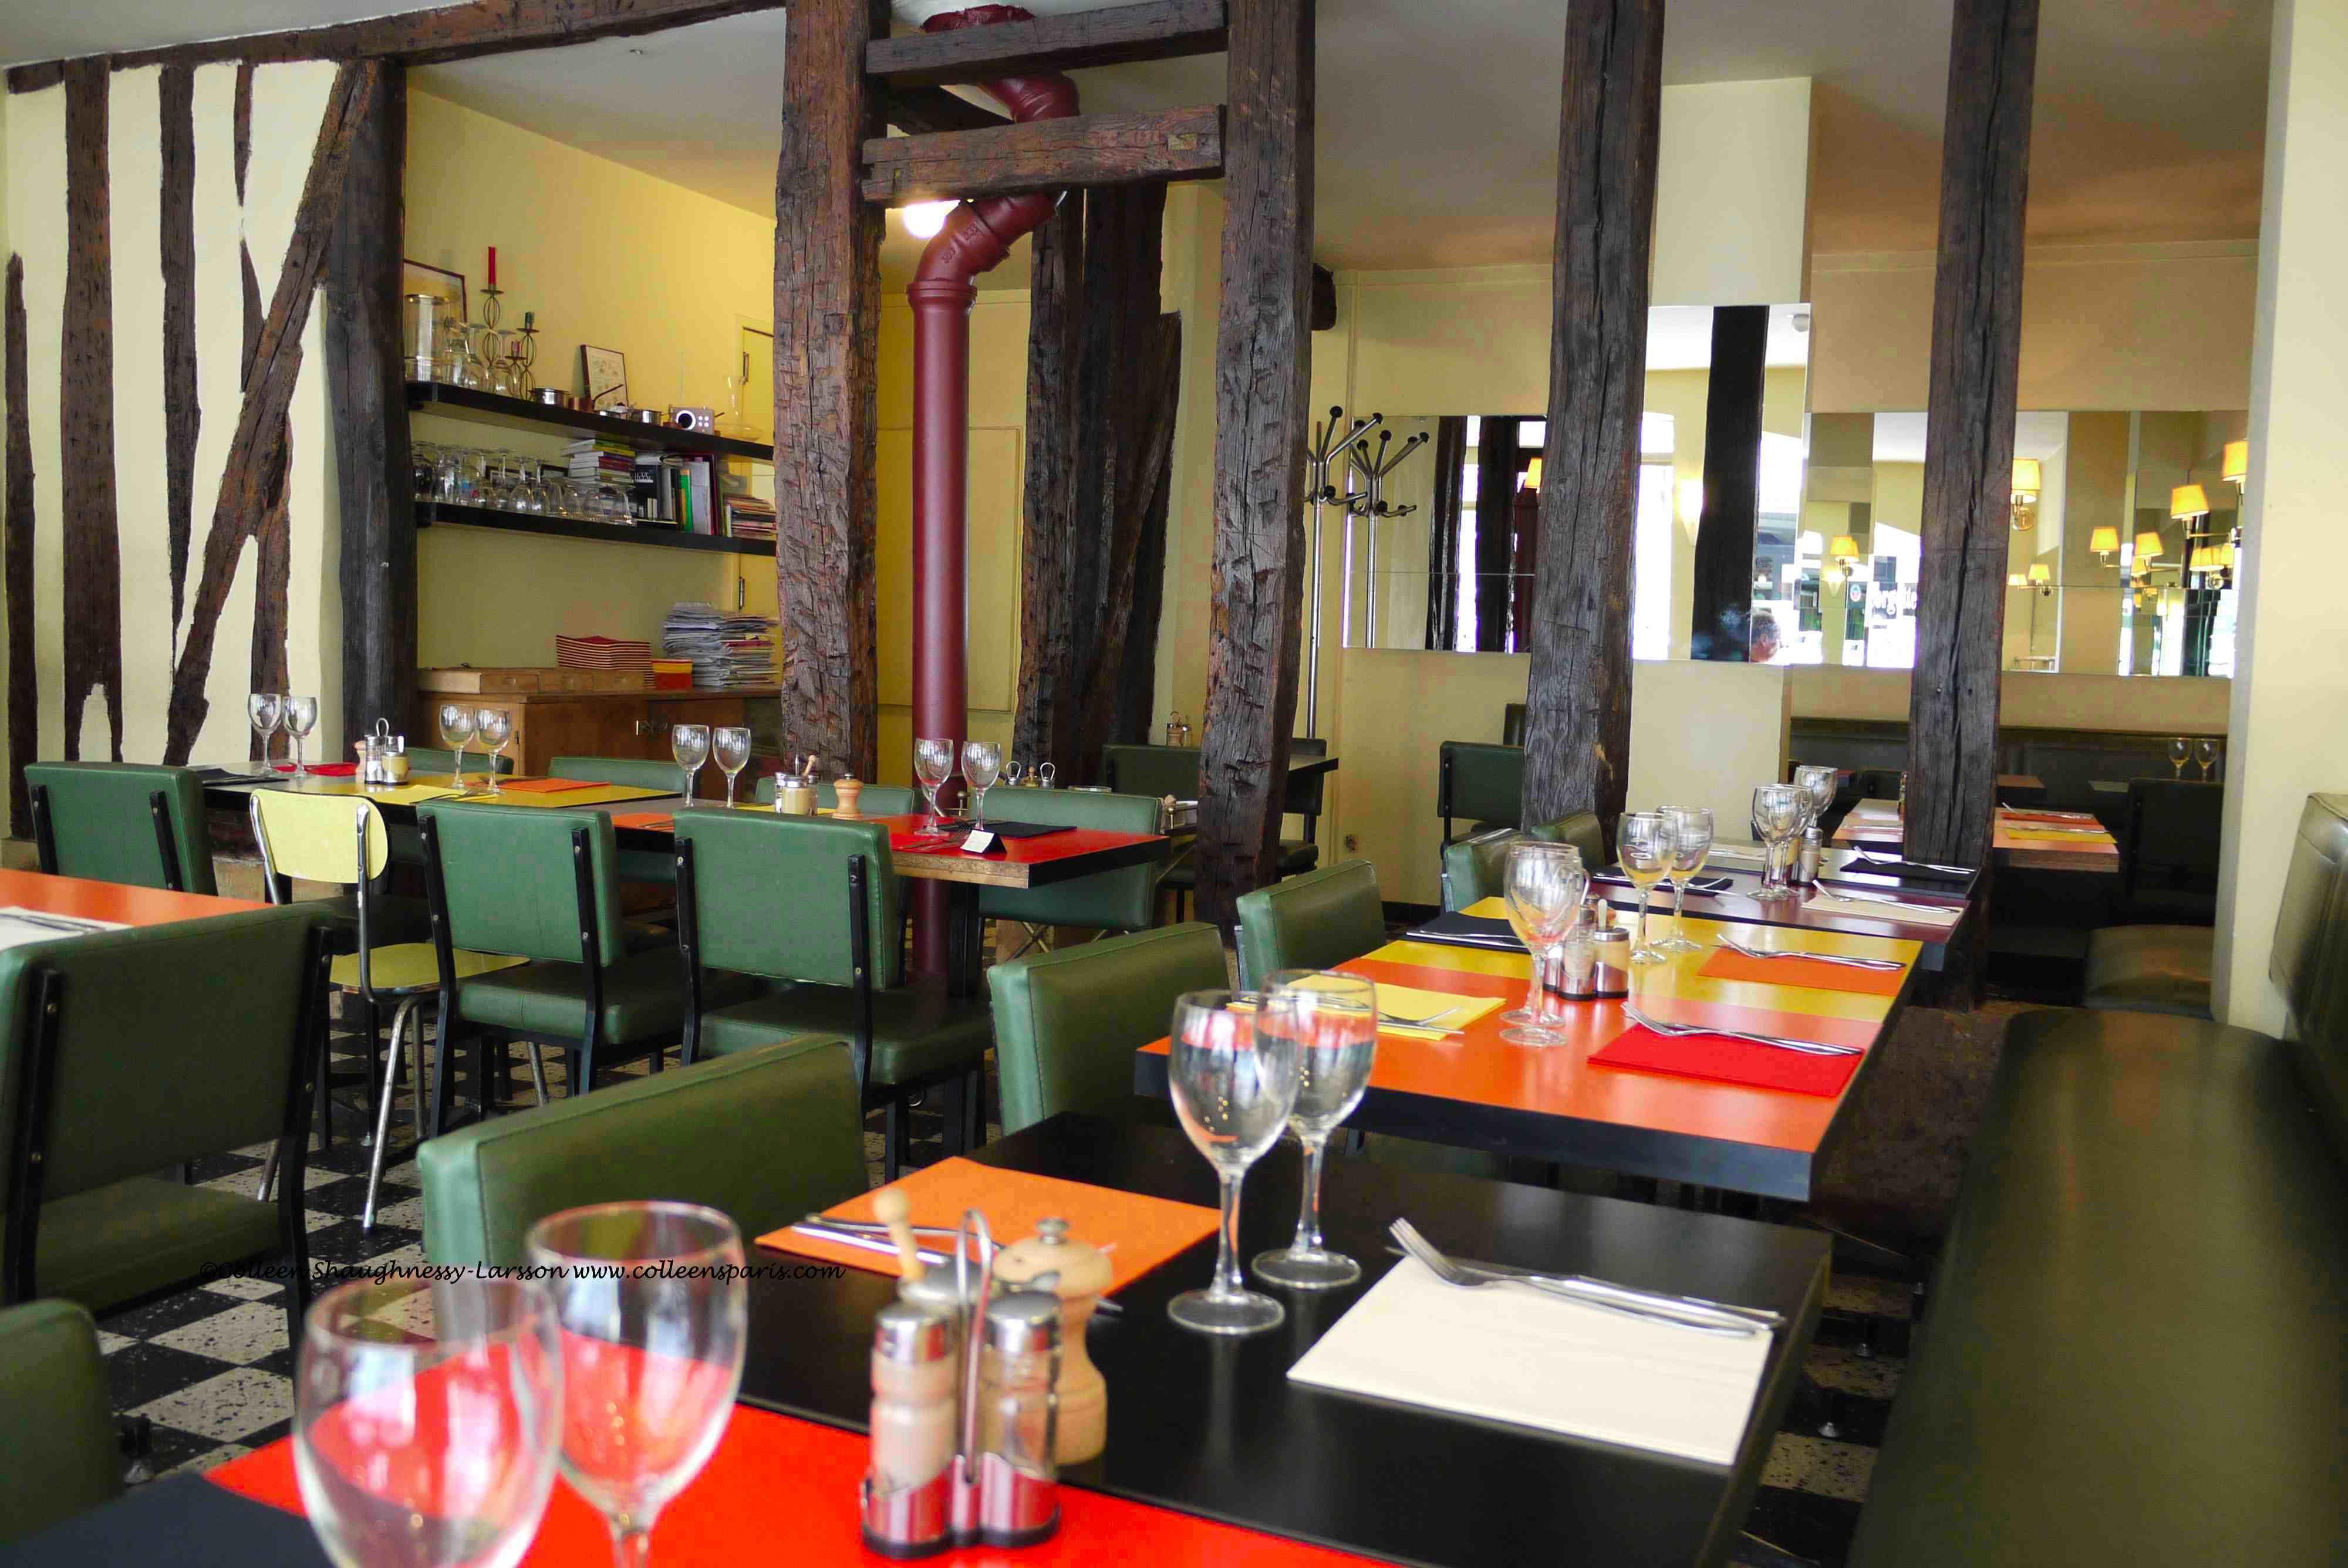 Restaurant Miznon Paris Cacher